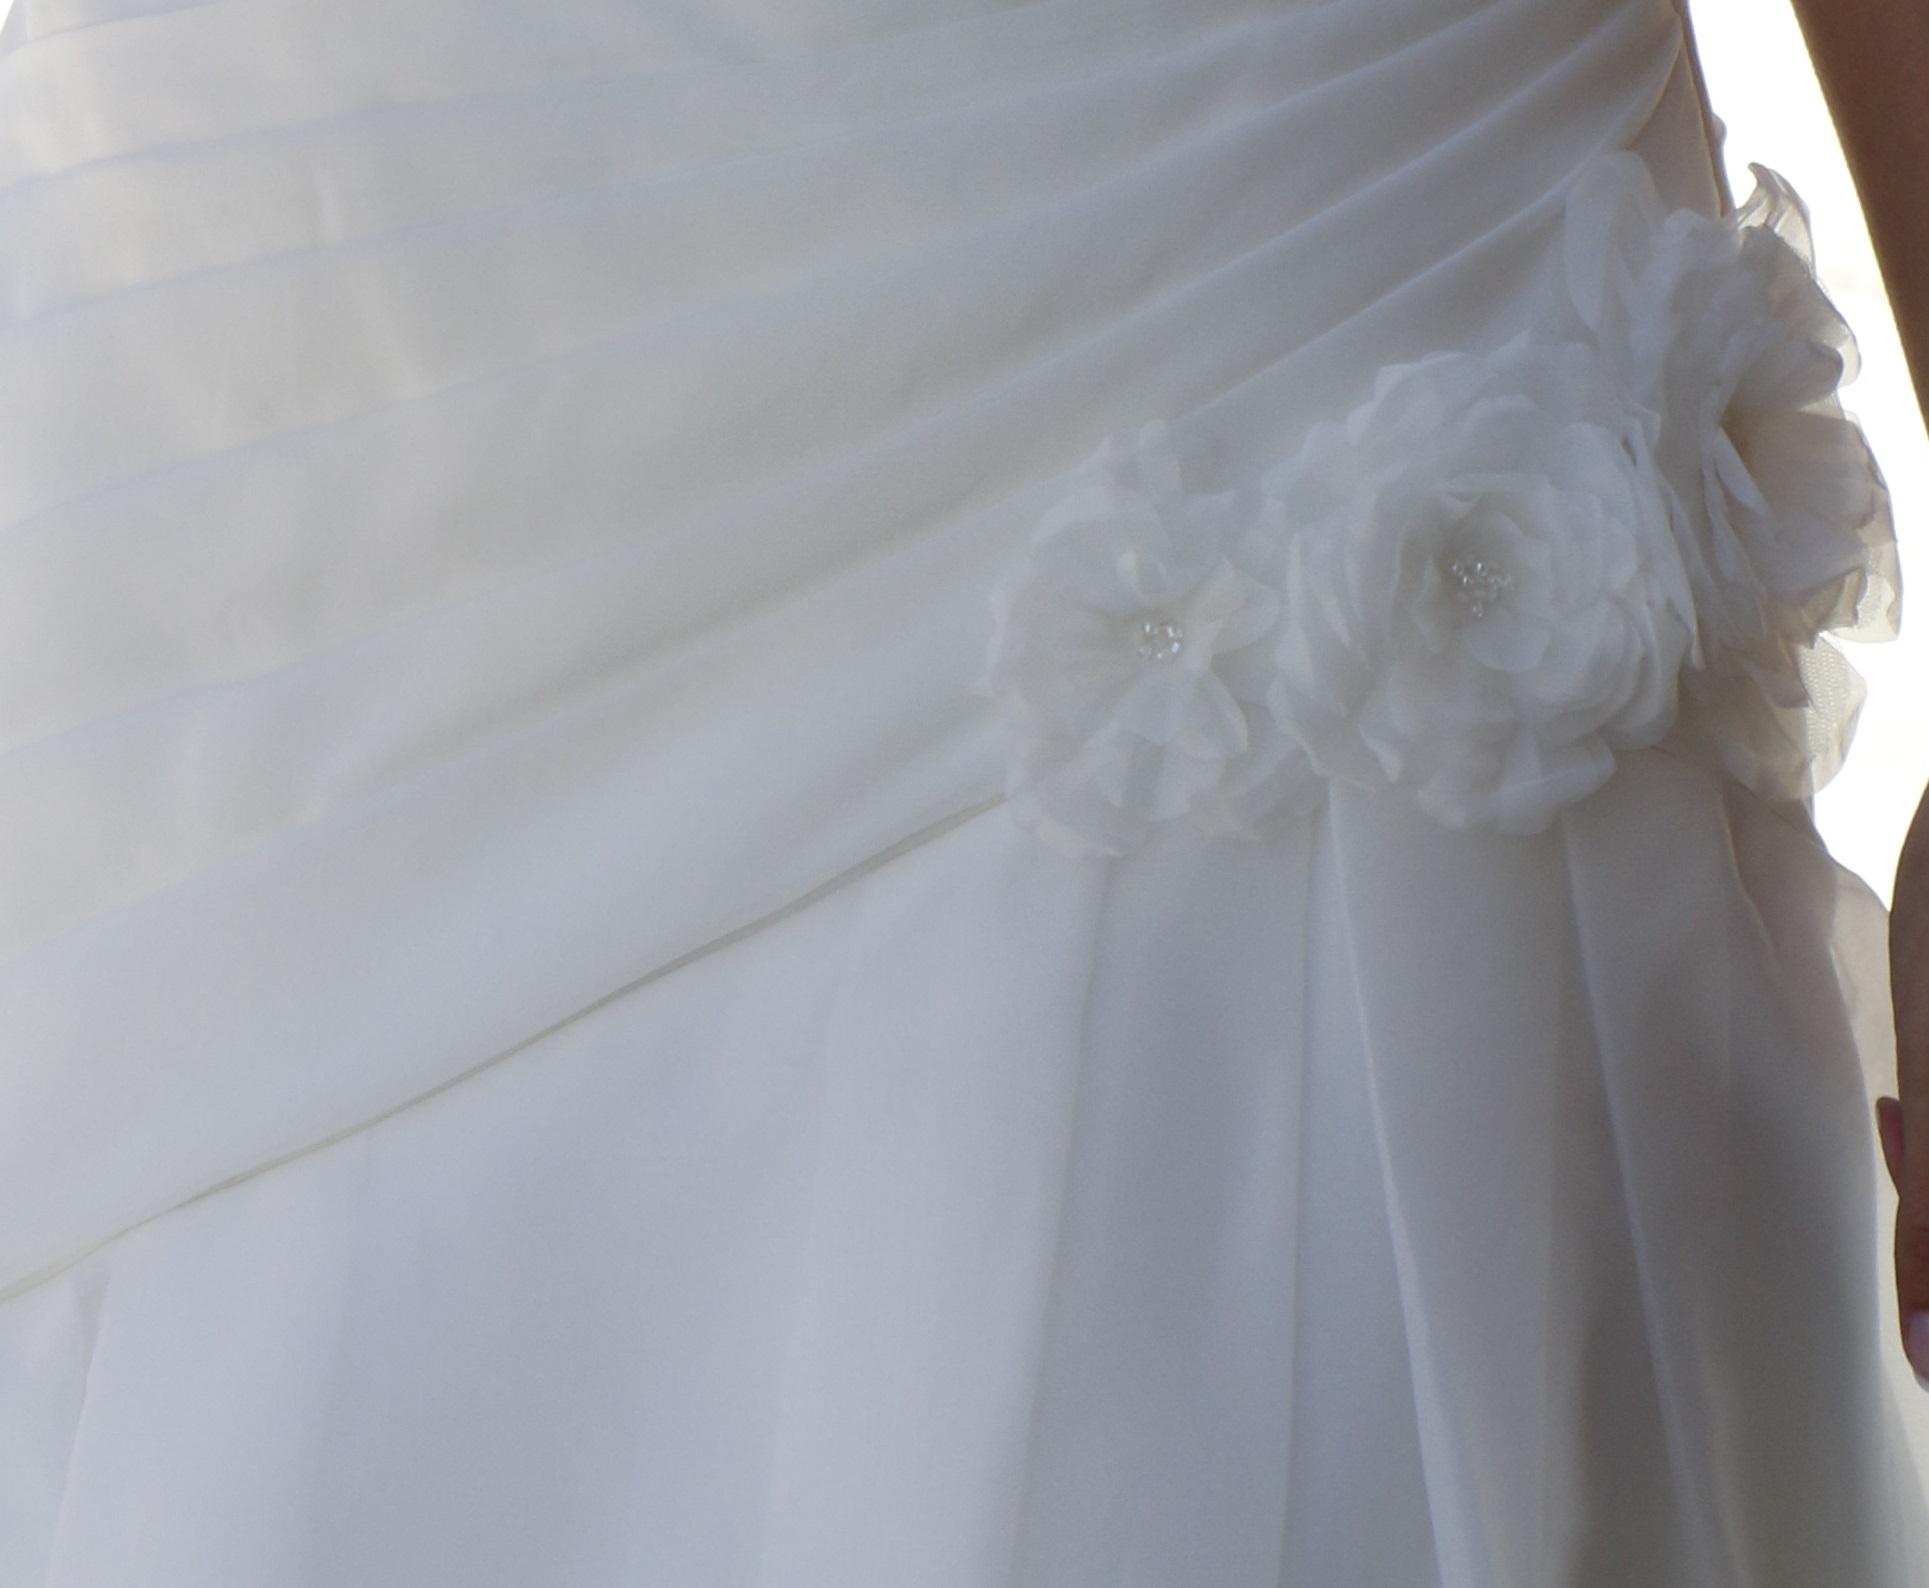 GRAN DESCUENTO! AIRE BARCELONA 2015: Vestido de novia + Regalo ...